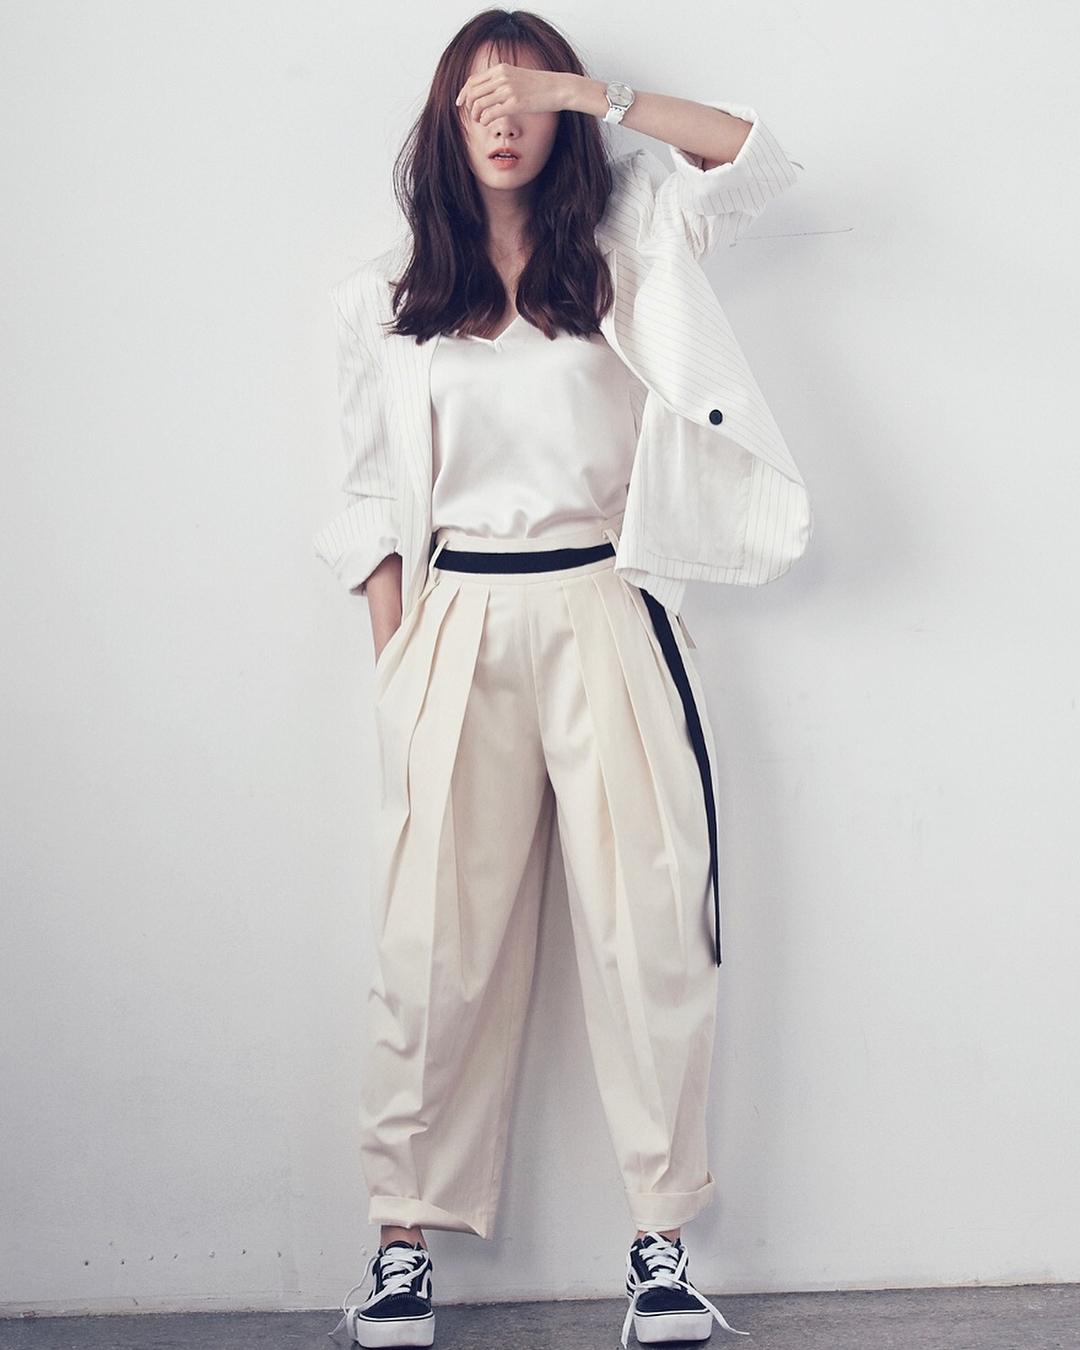 少女时代 新闻列表 > 新闻详情   22日,允儿通过ins公开参与韩国杂志